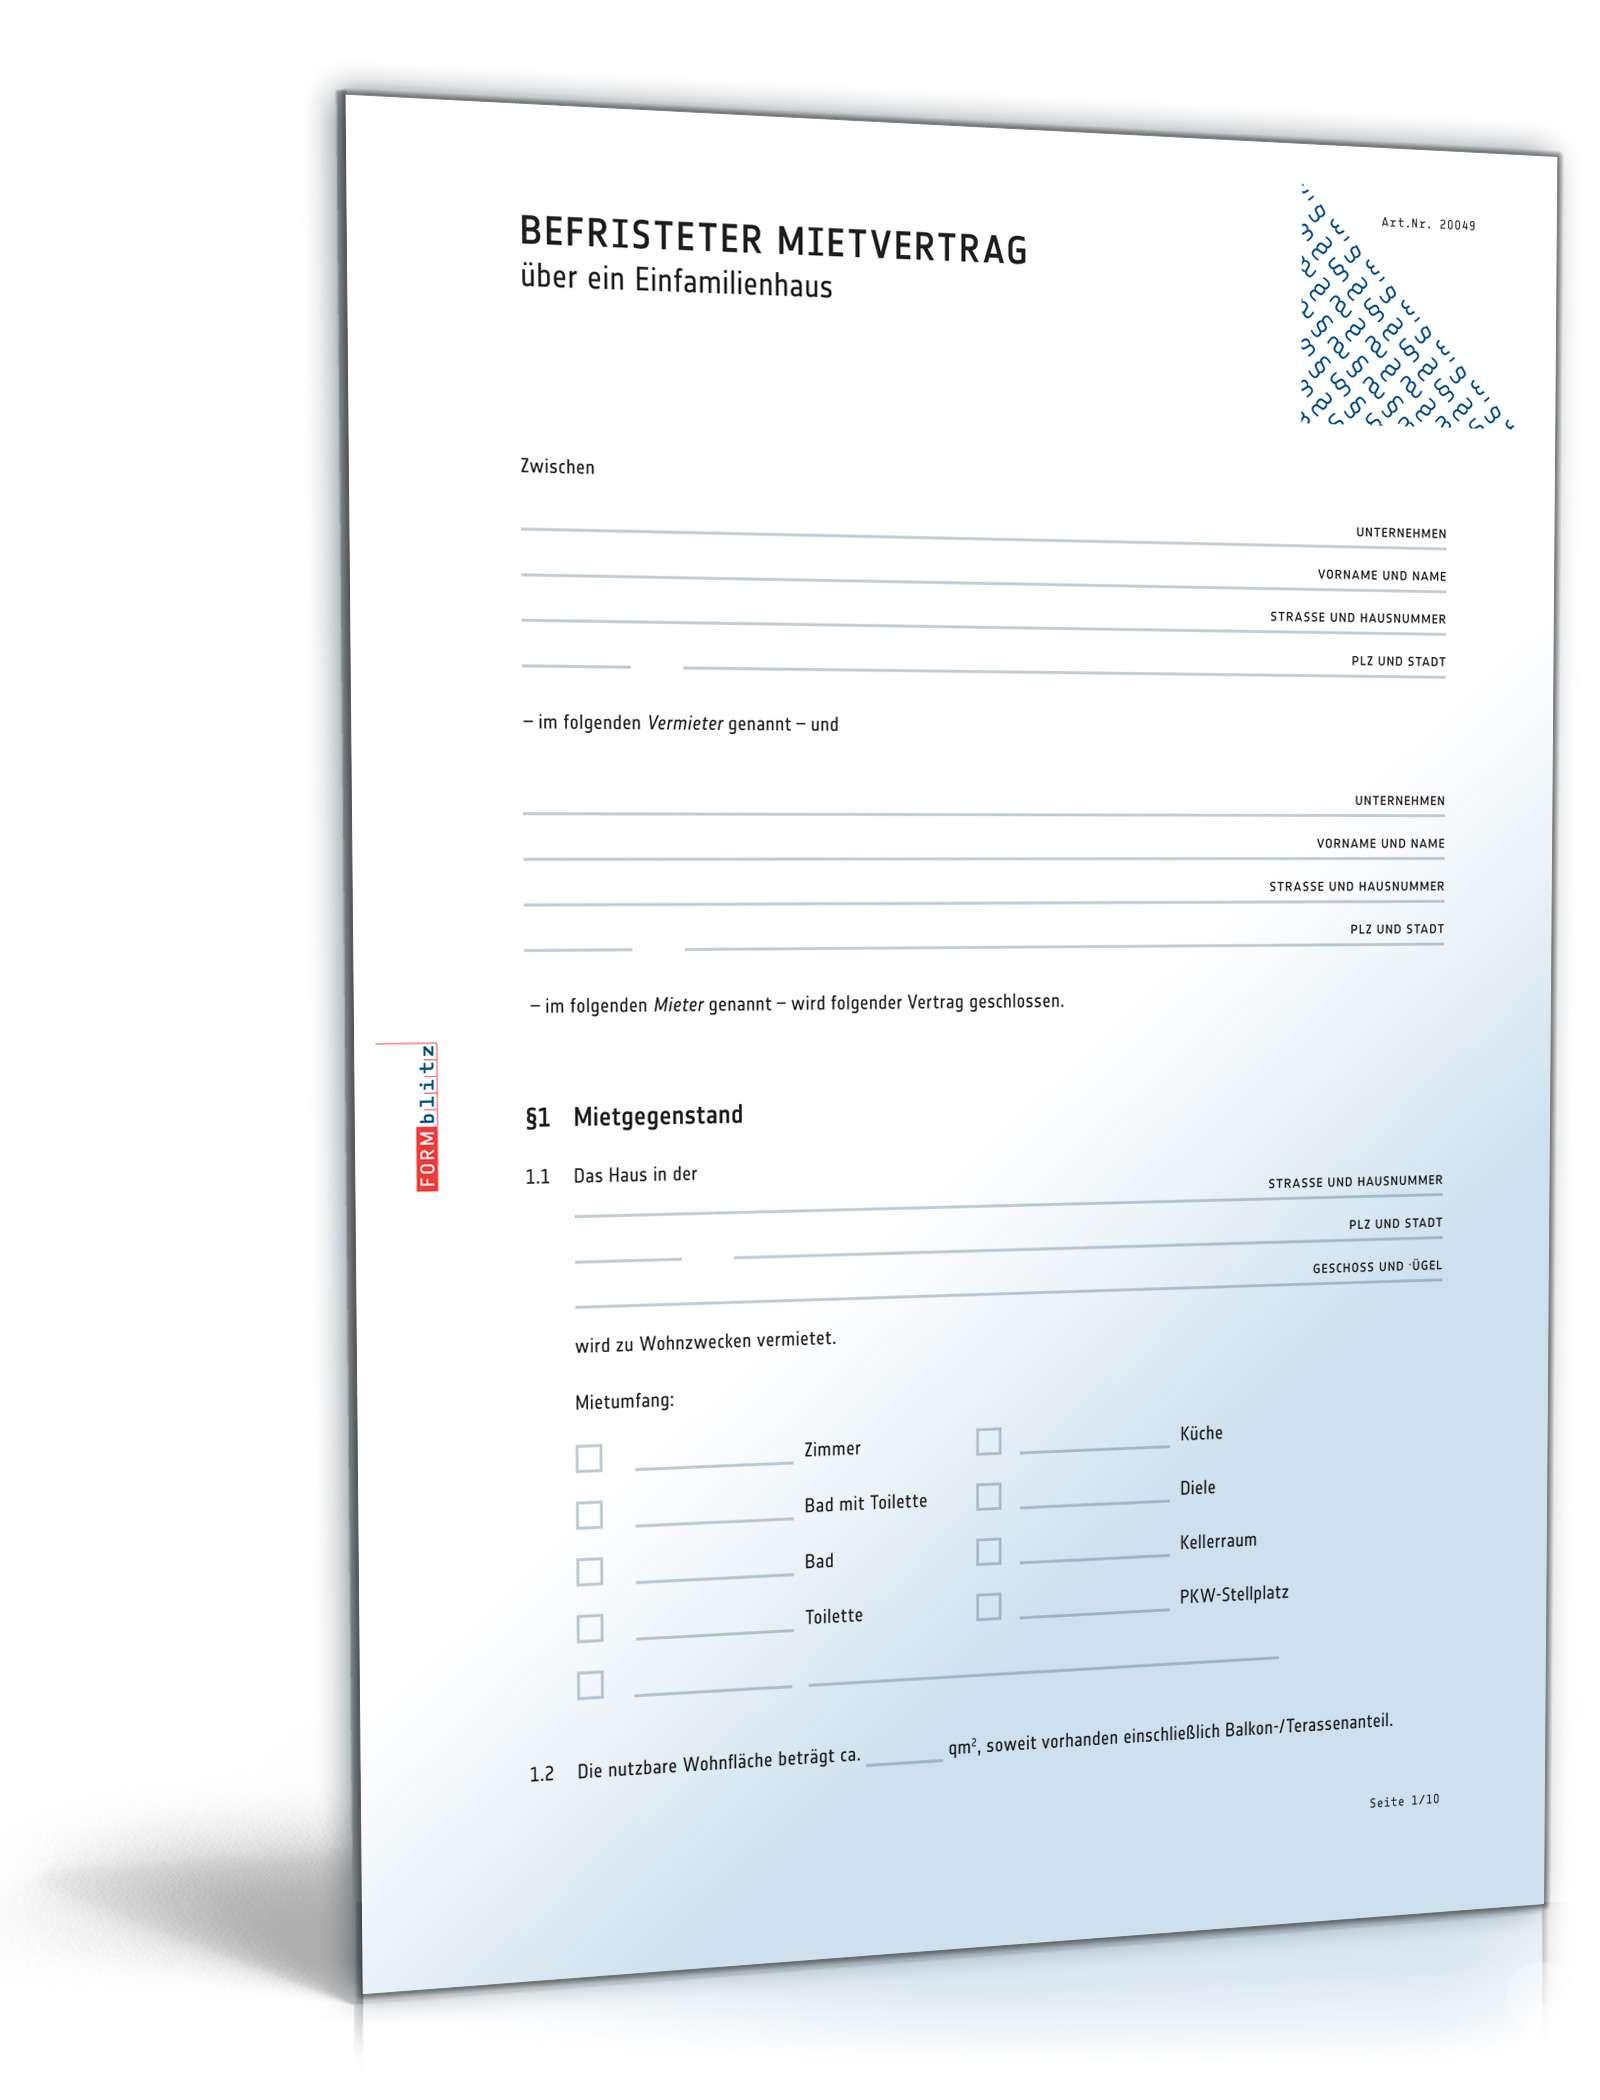 Befristeter mietvertrag einfamilienhaus muster zum download - Gartenpflege mietvertrag klausel ...